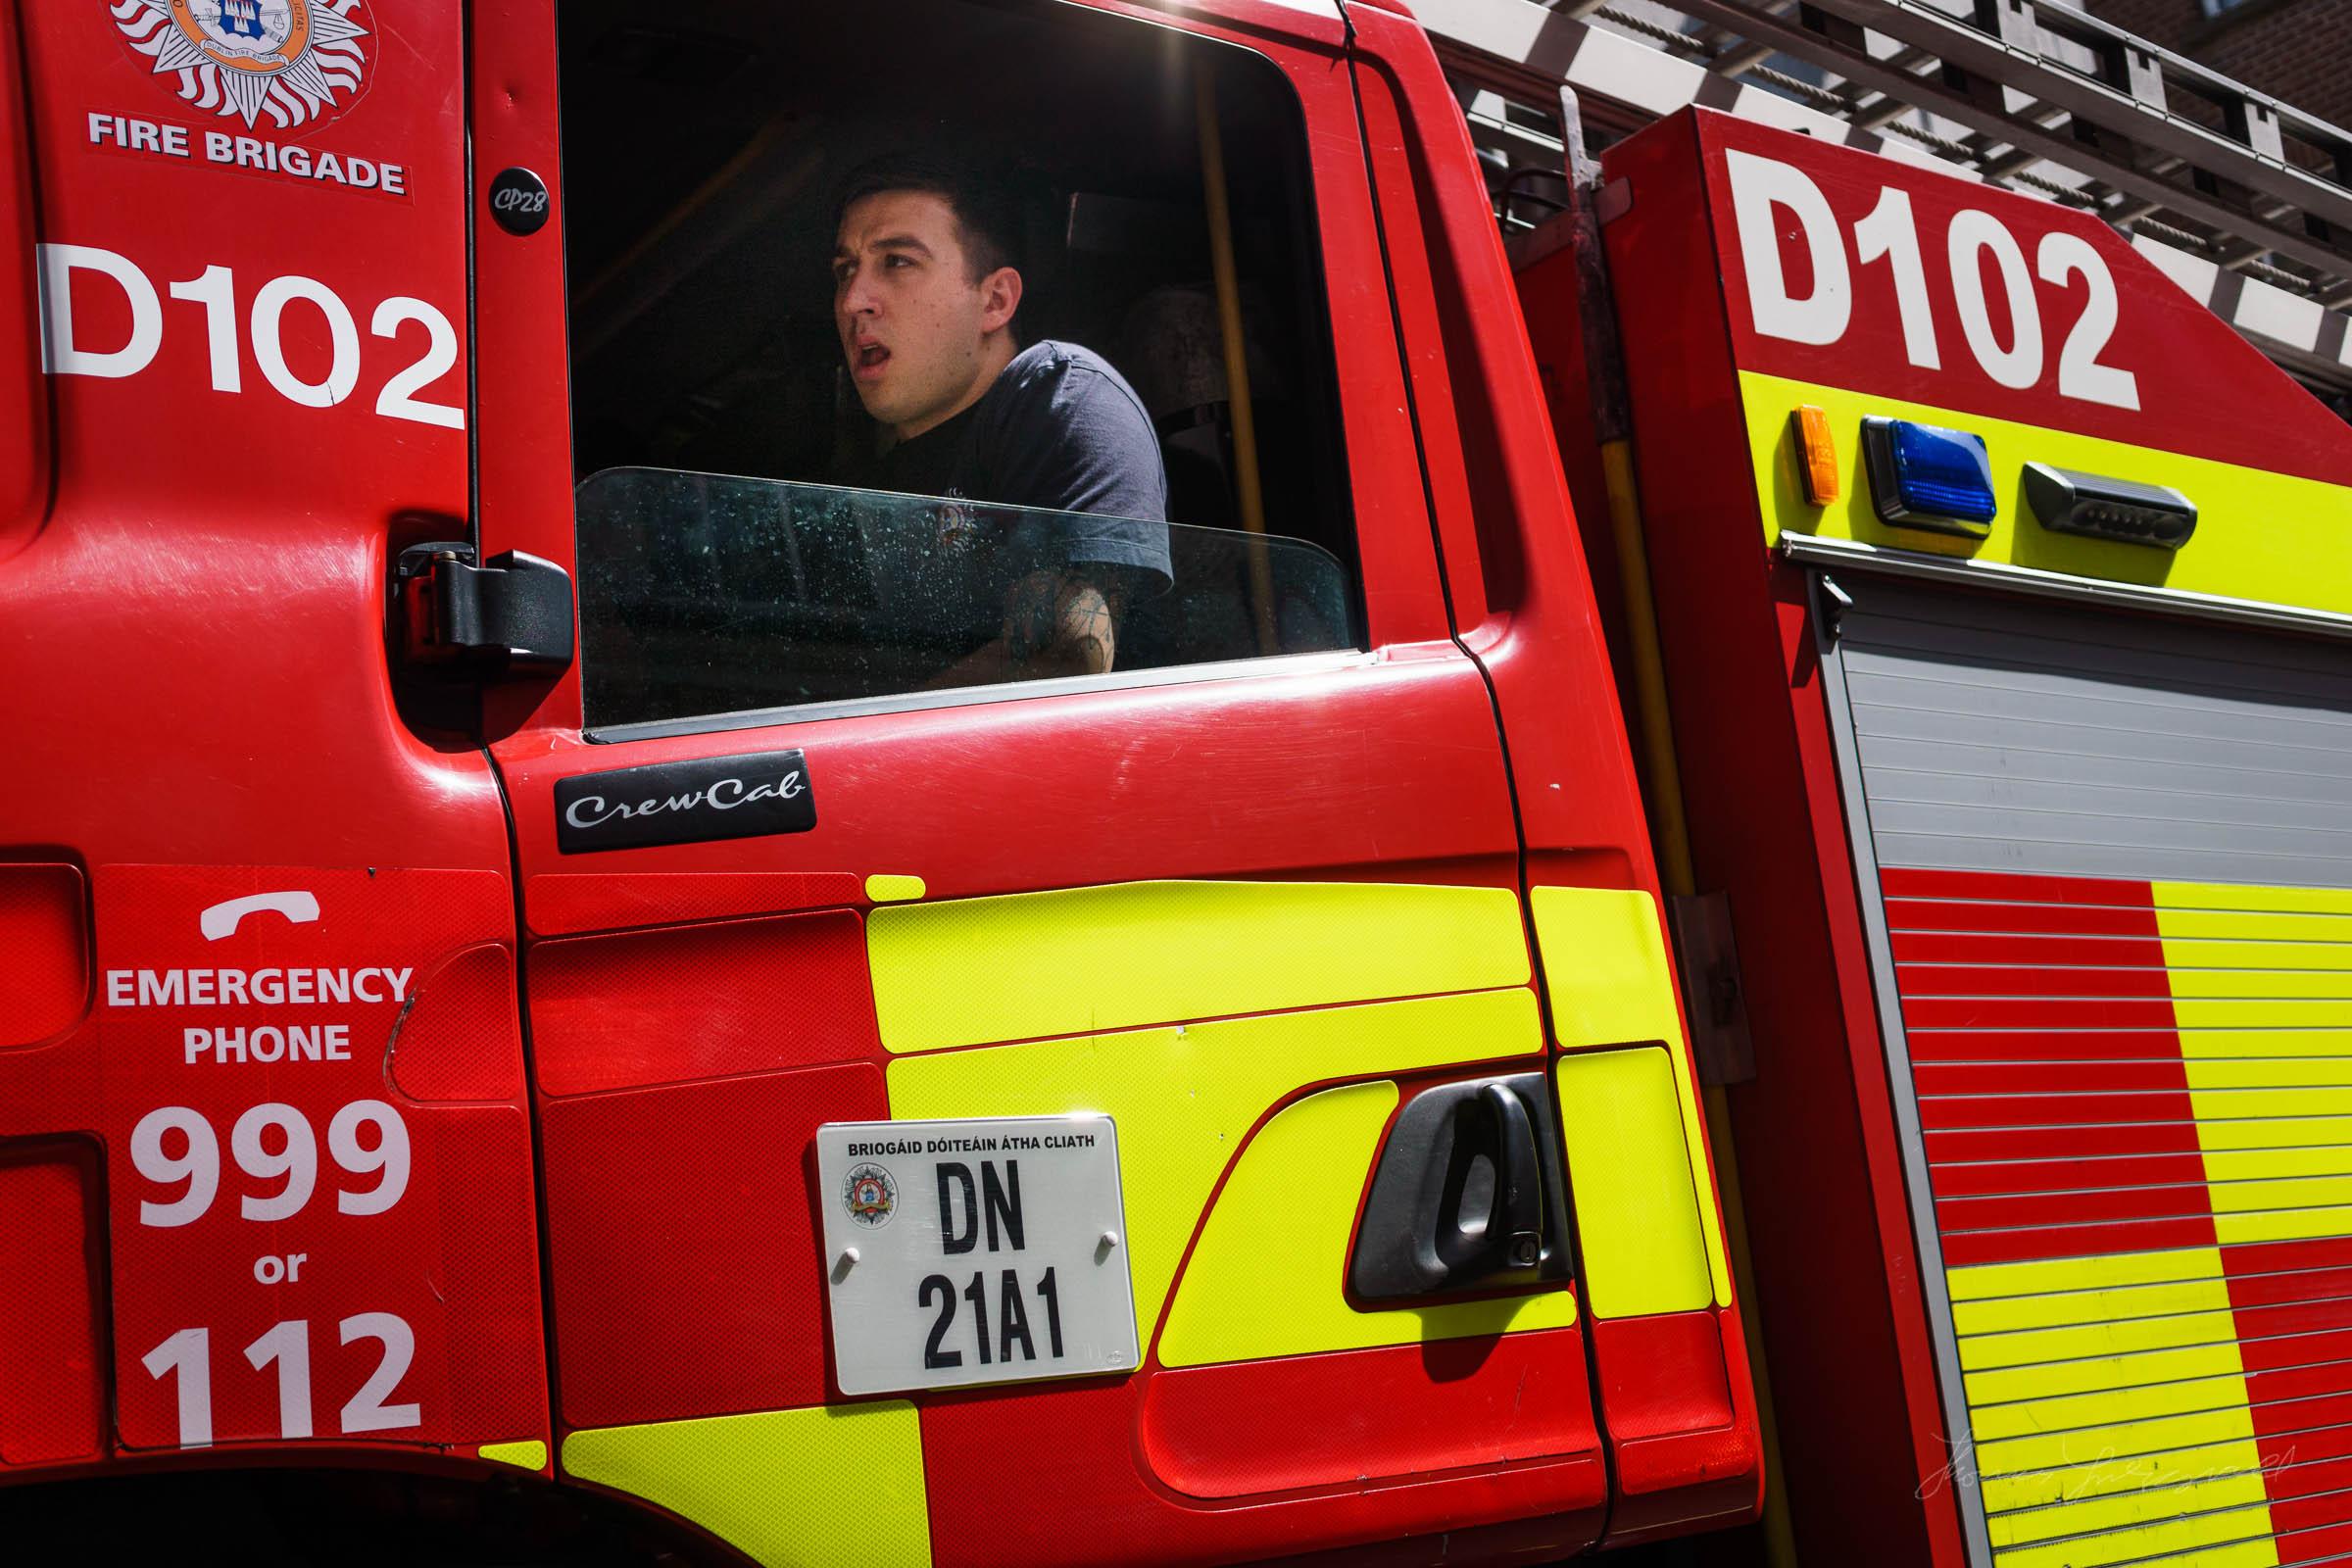 Fireman inside a fire engine